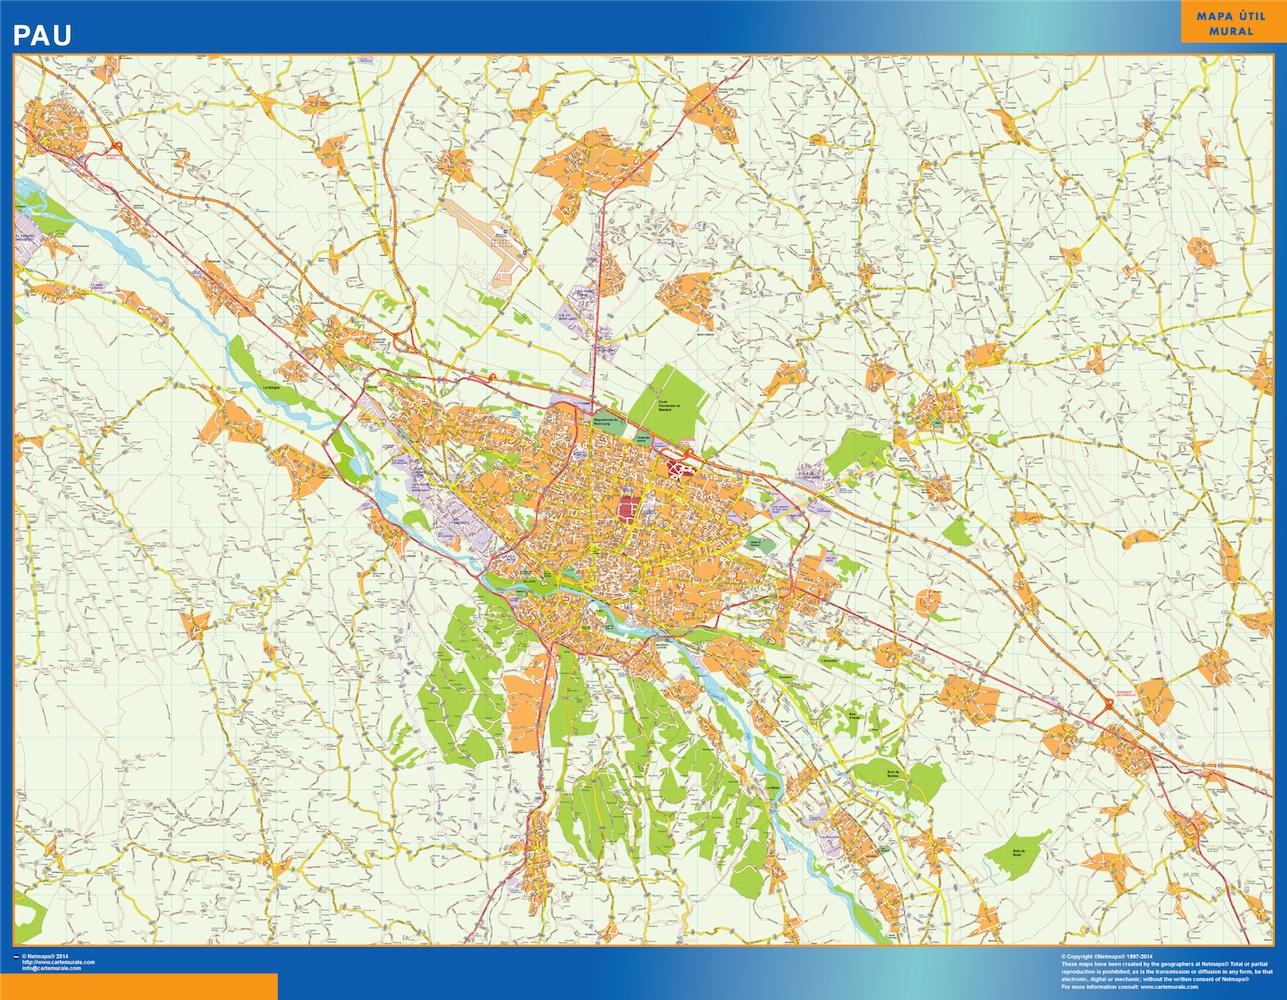 Mapa Pau en Francia plastificado gigante